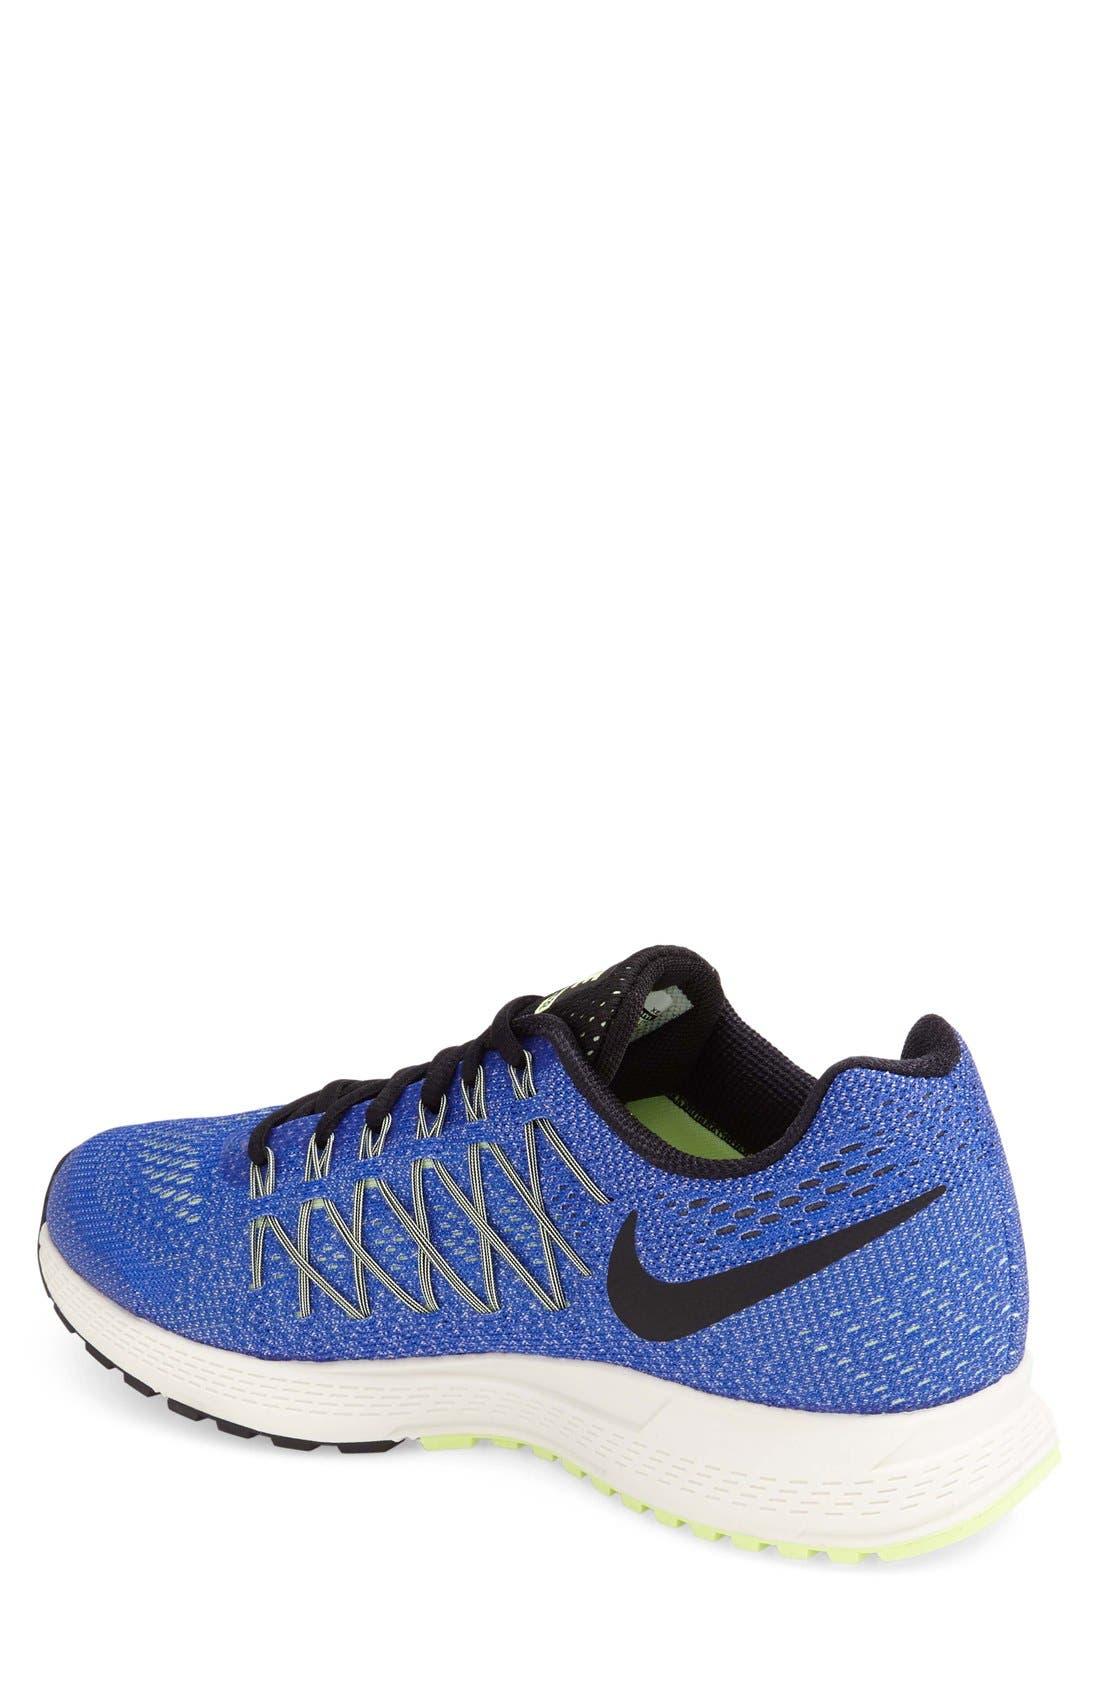 Alternate Image 2  - Nike 'Zoom Pegasus 32' Running Shoe (Men)